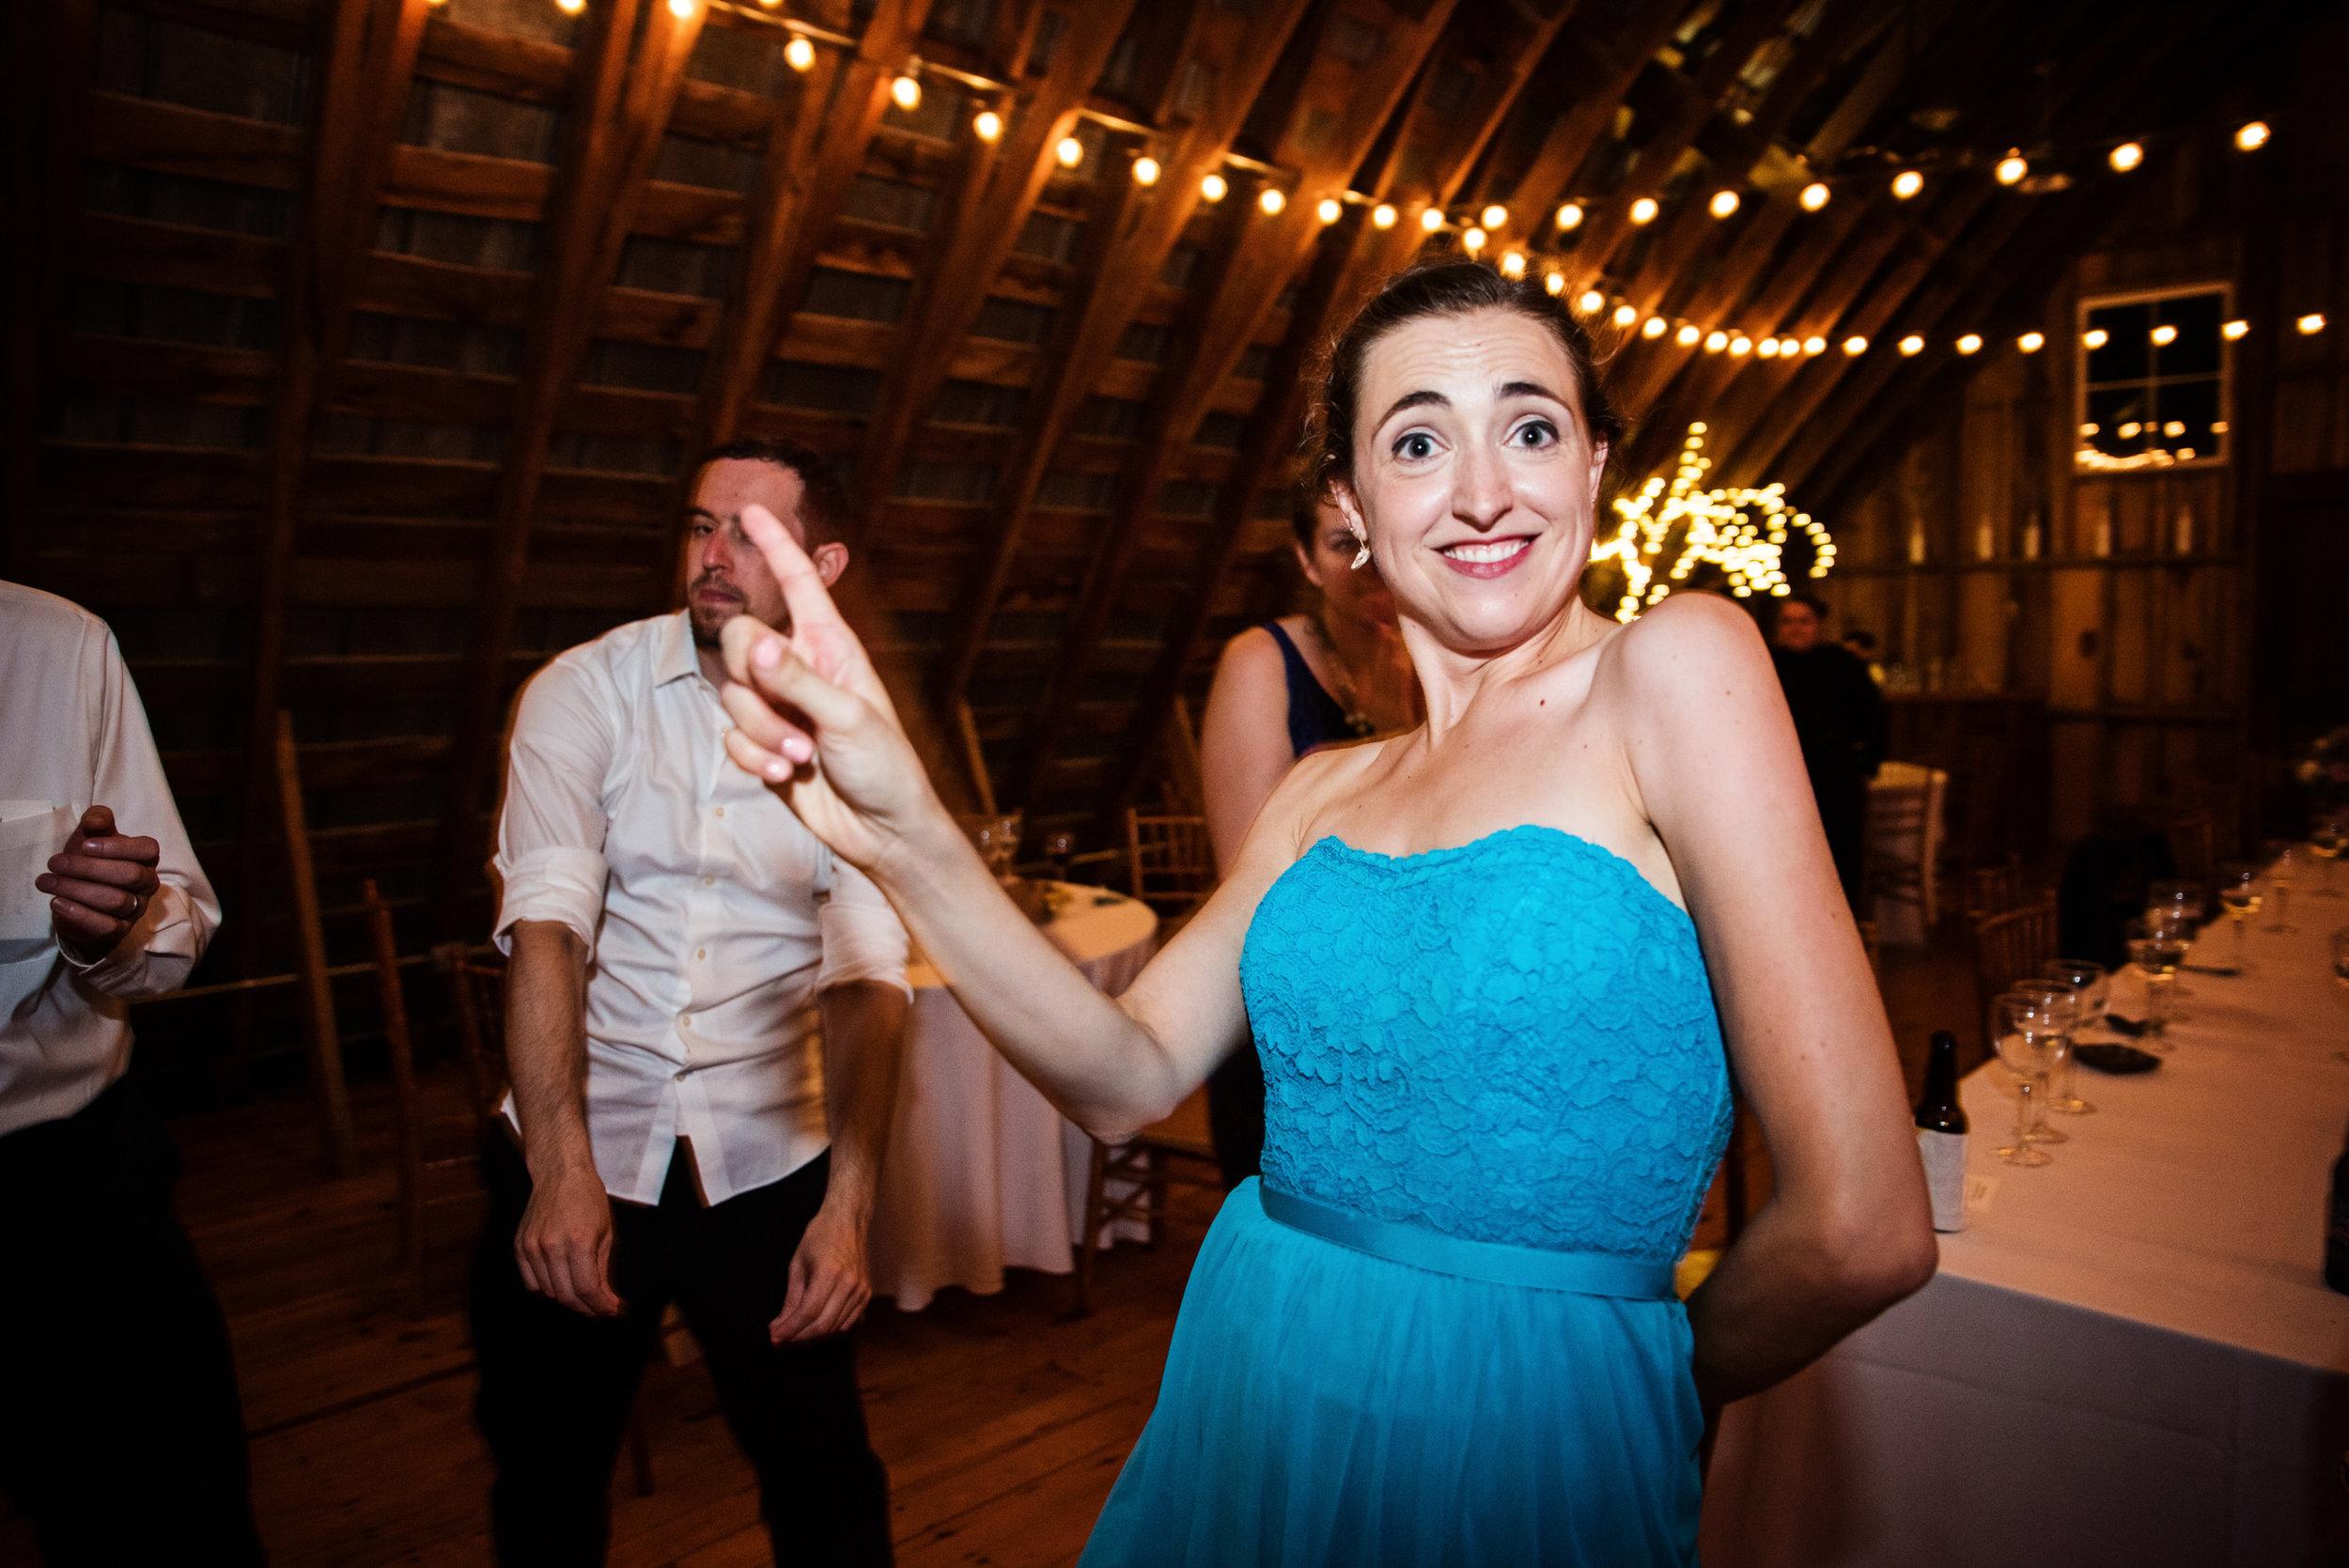 EastLynnFarmWedding-Stephanie&Aaron-Reception-354.jpg